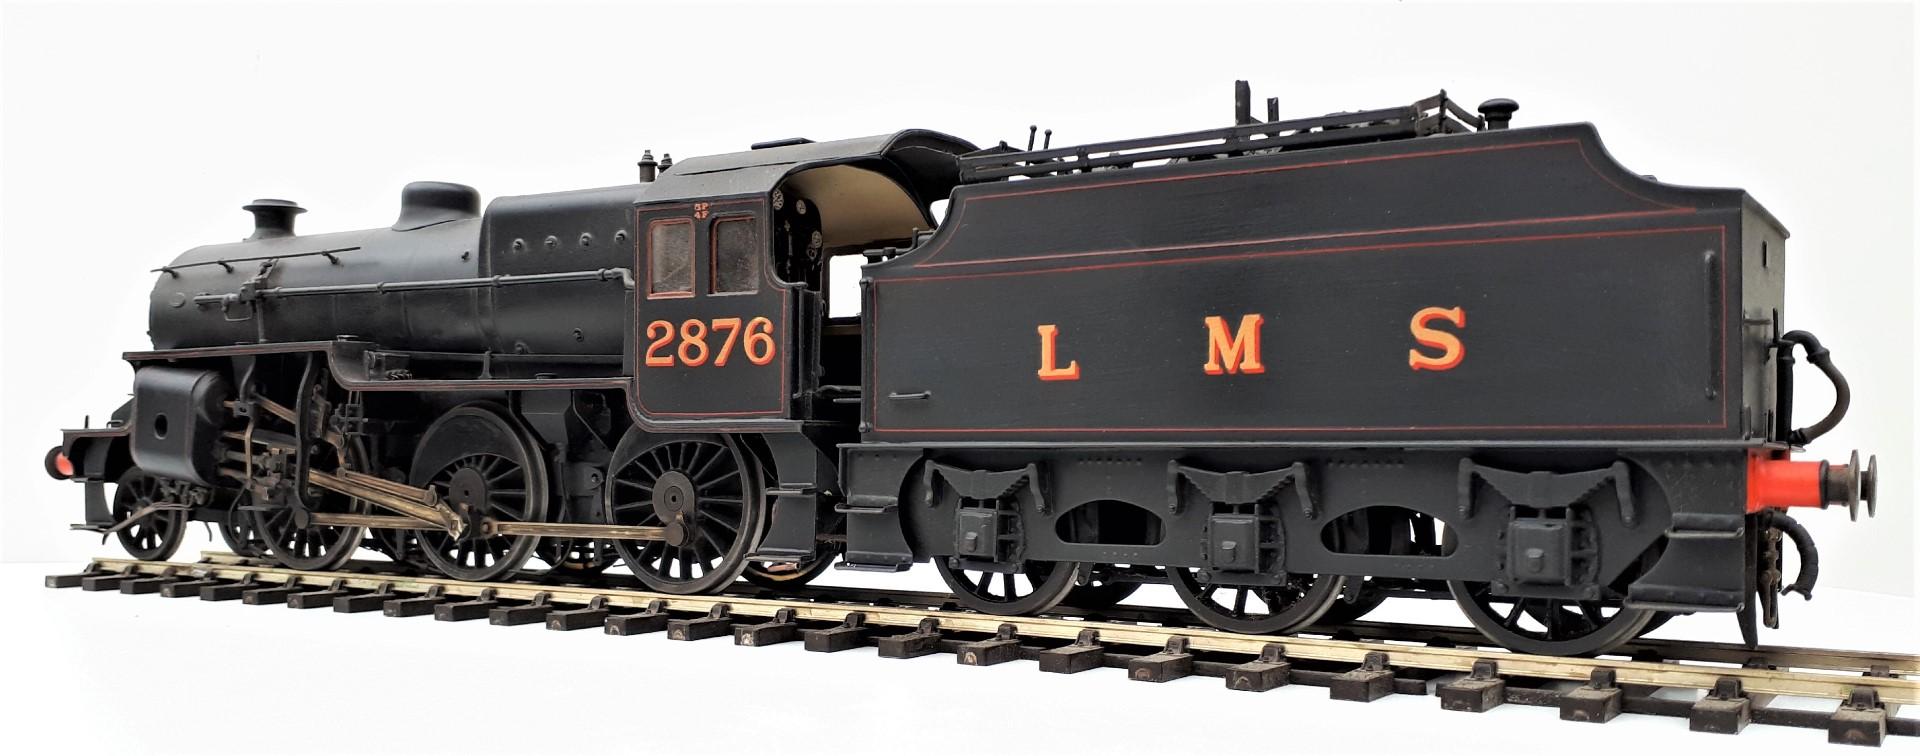 LMS Crab 2876